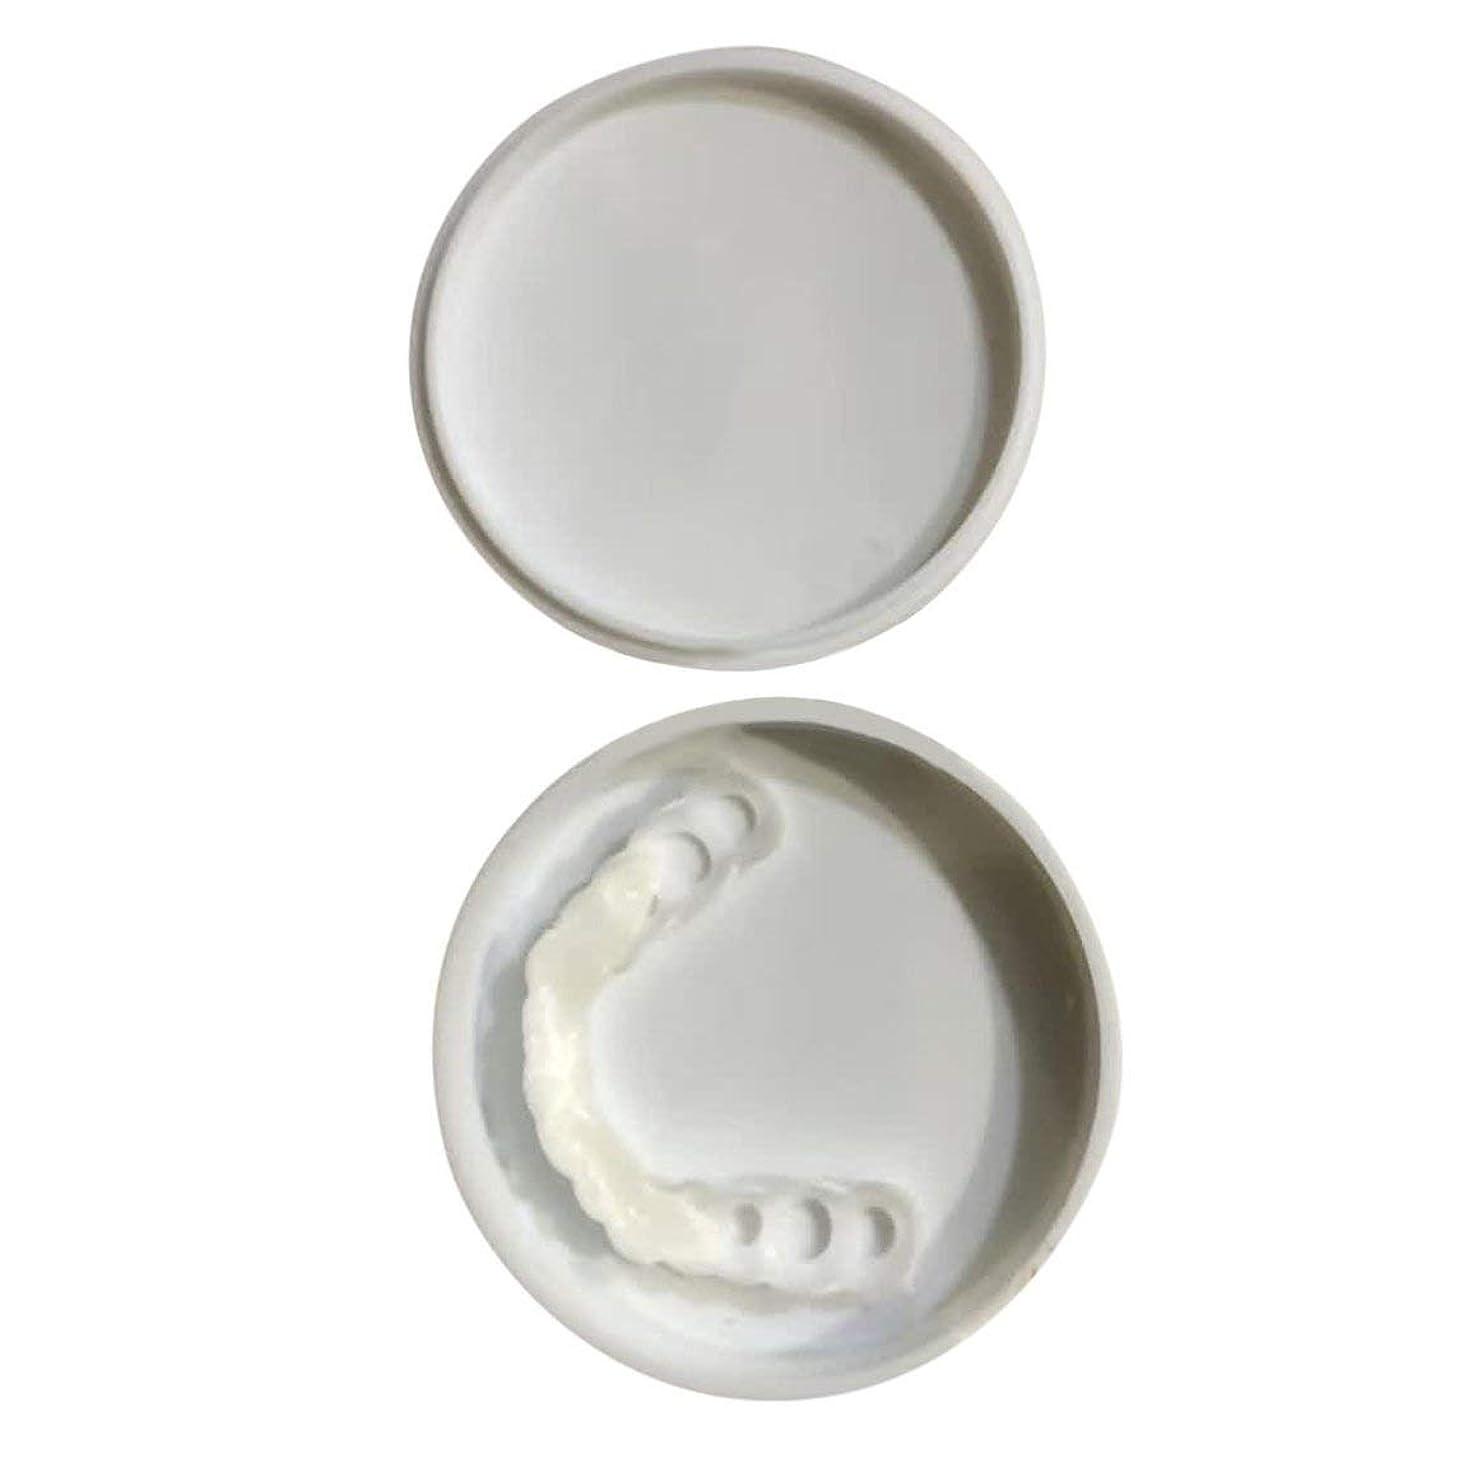 哲学意図的マチュピチュ快適なスナップオン男性女性歯インスタントパーフェクトスマイルコンフォートフィットフレックス歯フィットホワイトニング笑顔偽歯カバー - ホワイト